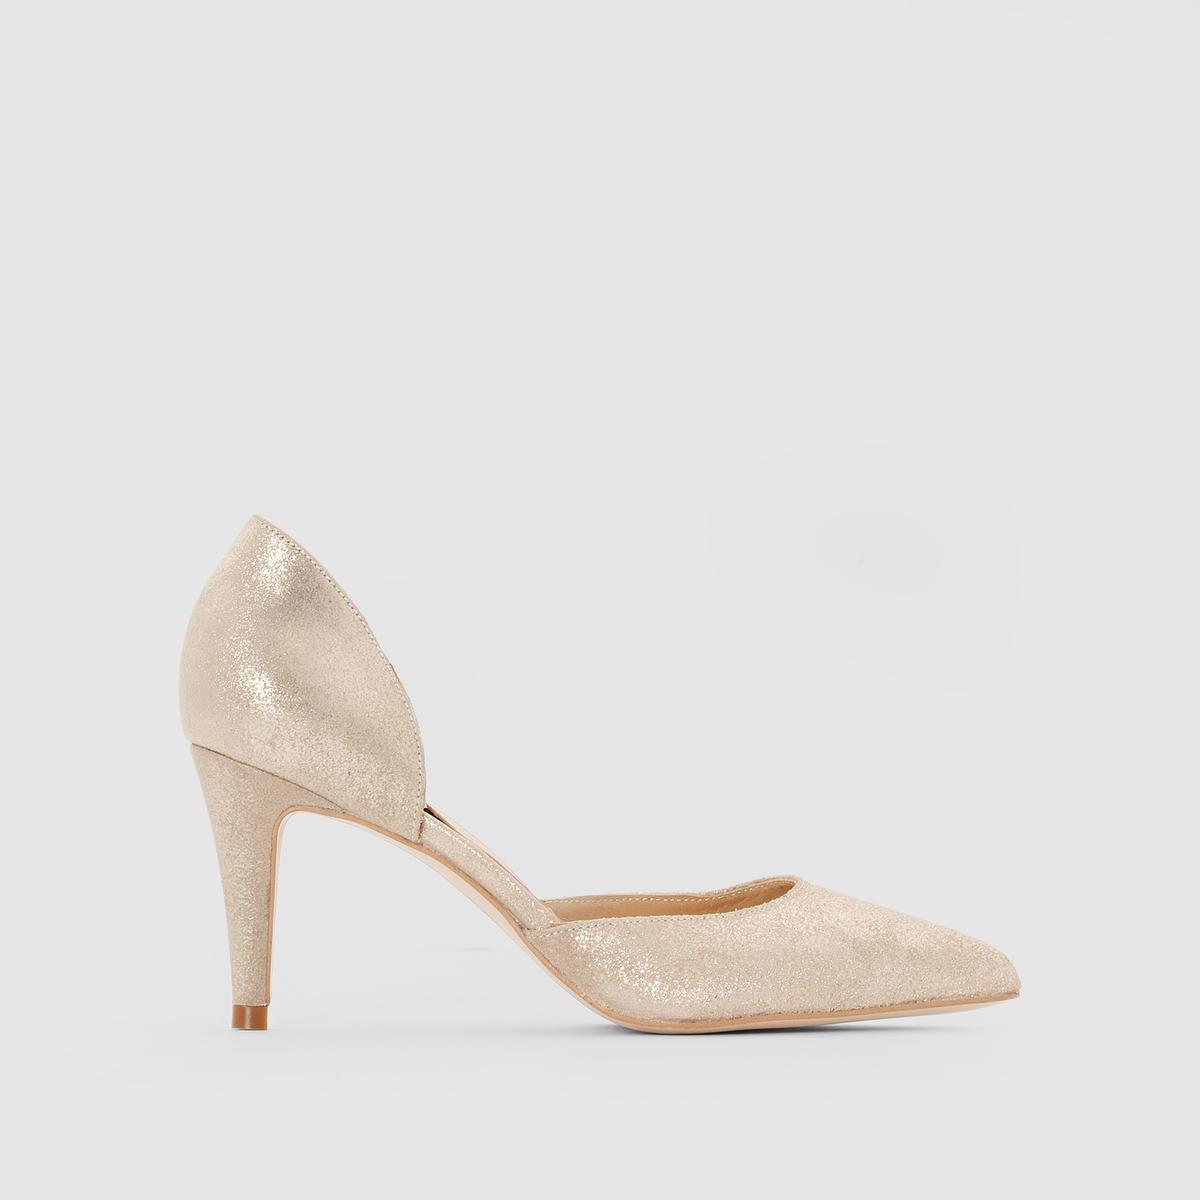 Туфли кожаные на каблуке, ADNETПодкладка: кожа.    Стелька: кожа.       Подошва: эластомер.       Форма каблука: шпилька.Мысок: острый.Застежка: без застежки.<br><br>Цвет: Платиновый